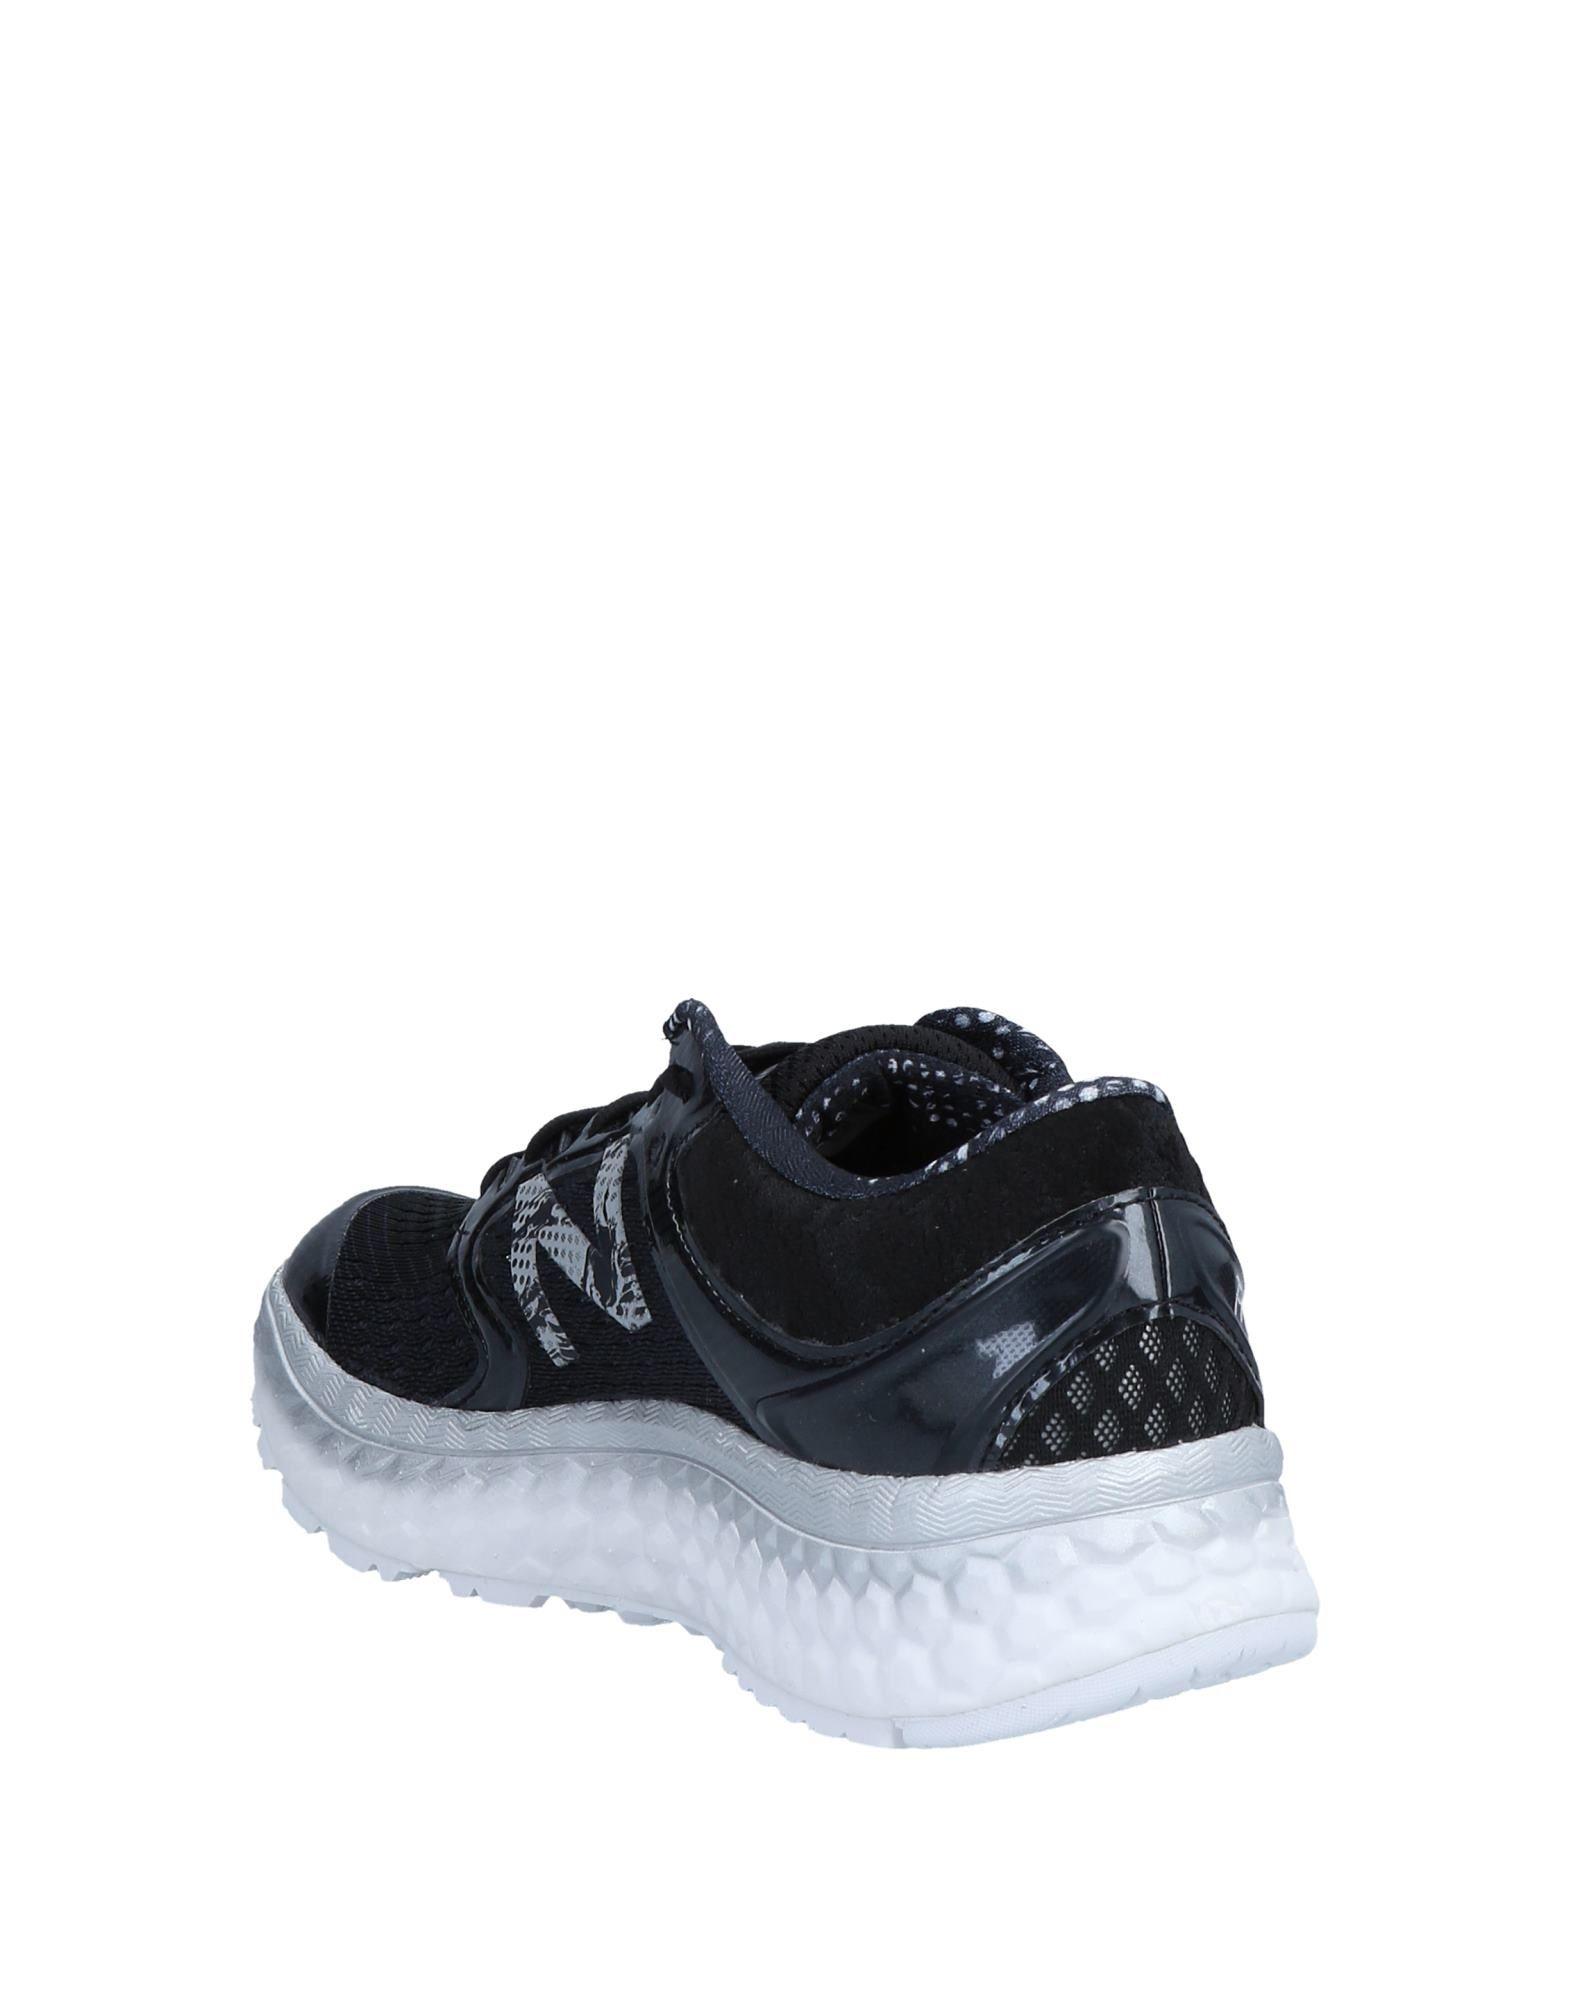 New Balance es Sneakers Damen Gutes Preis-Leistungs-Verhältnis, es Balance lohnt sich 3073 45a292